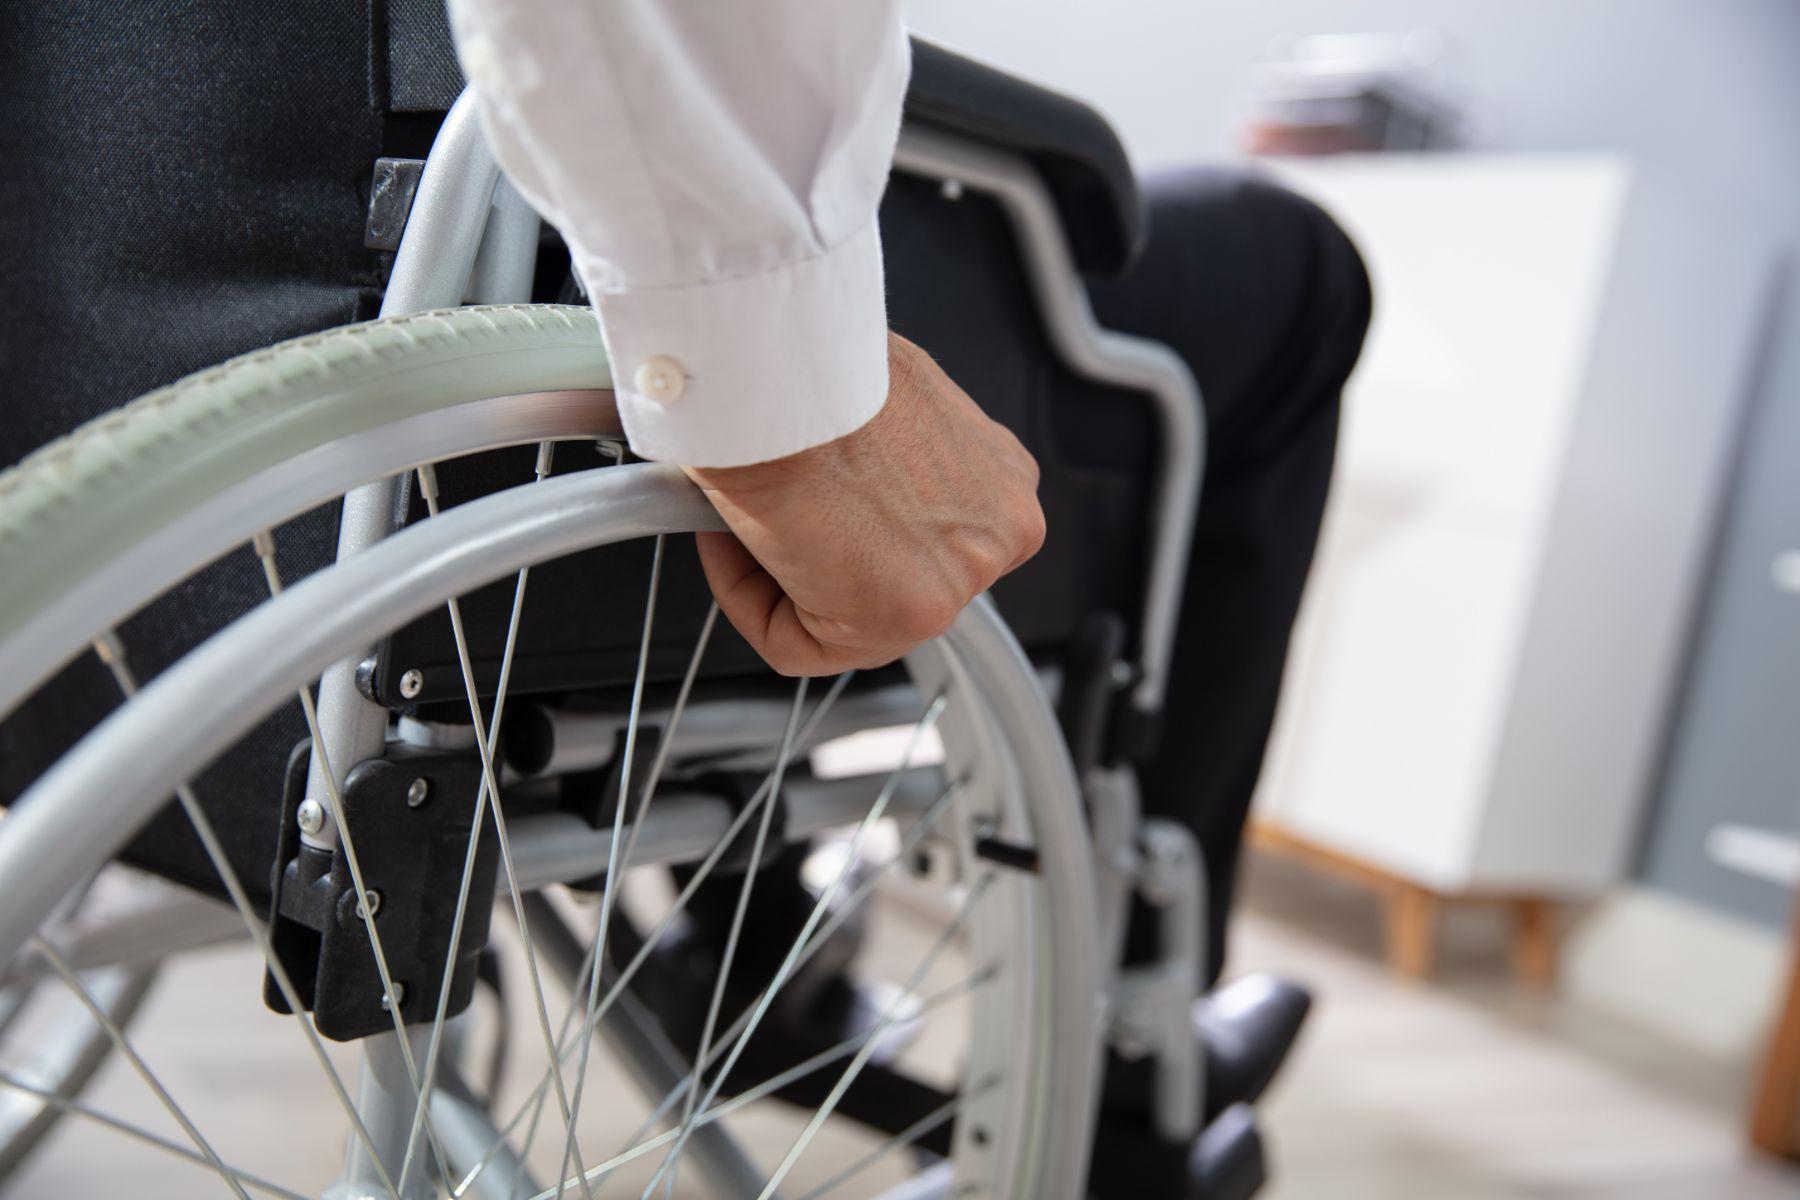 mao de uma pessoa com deficiencia pcd sobre a roda de uma cadeira de rodas